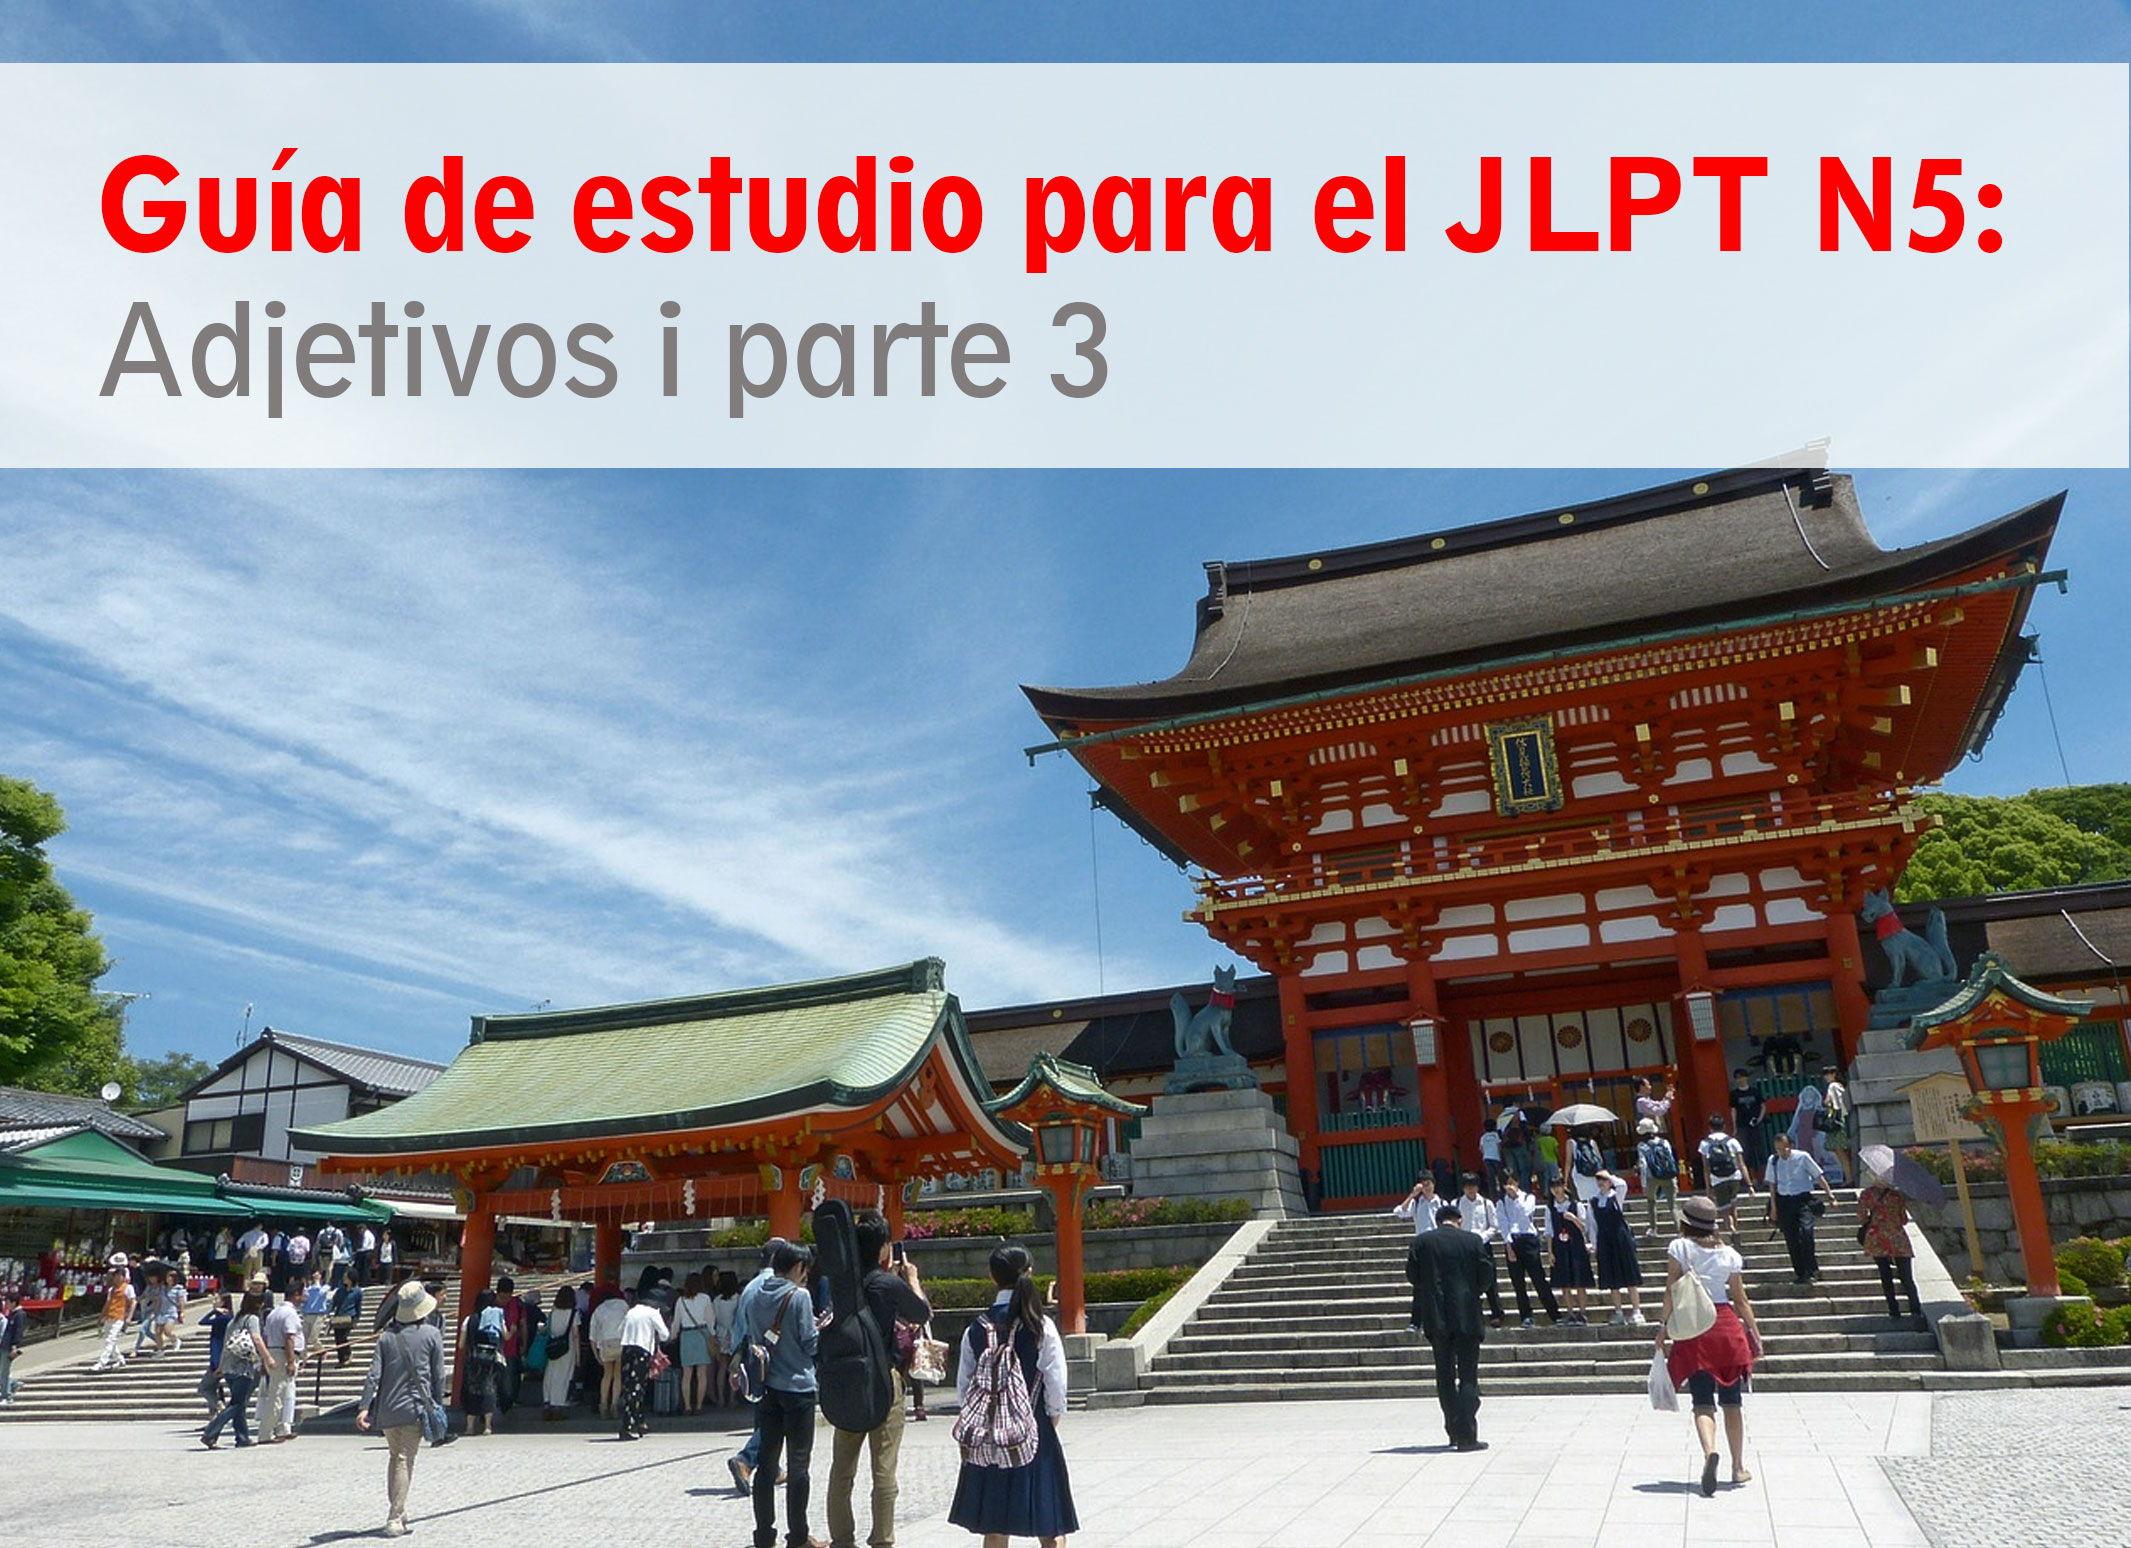 Guía de estudio para el JLPT N5: Adjetivos i parte 3